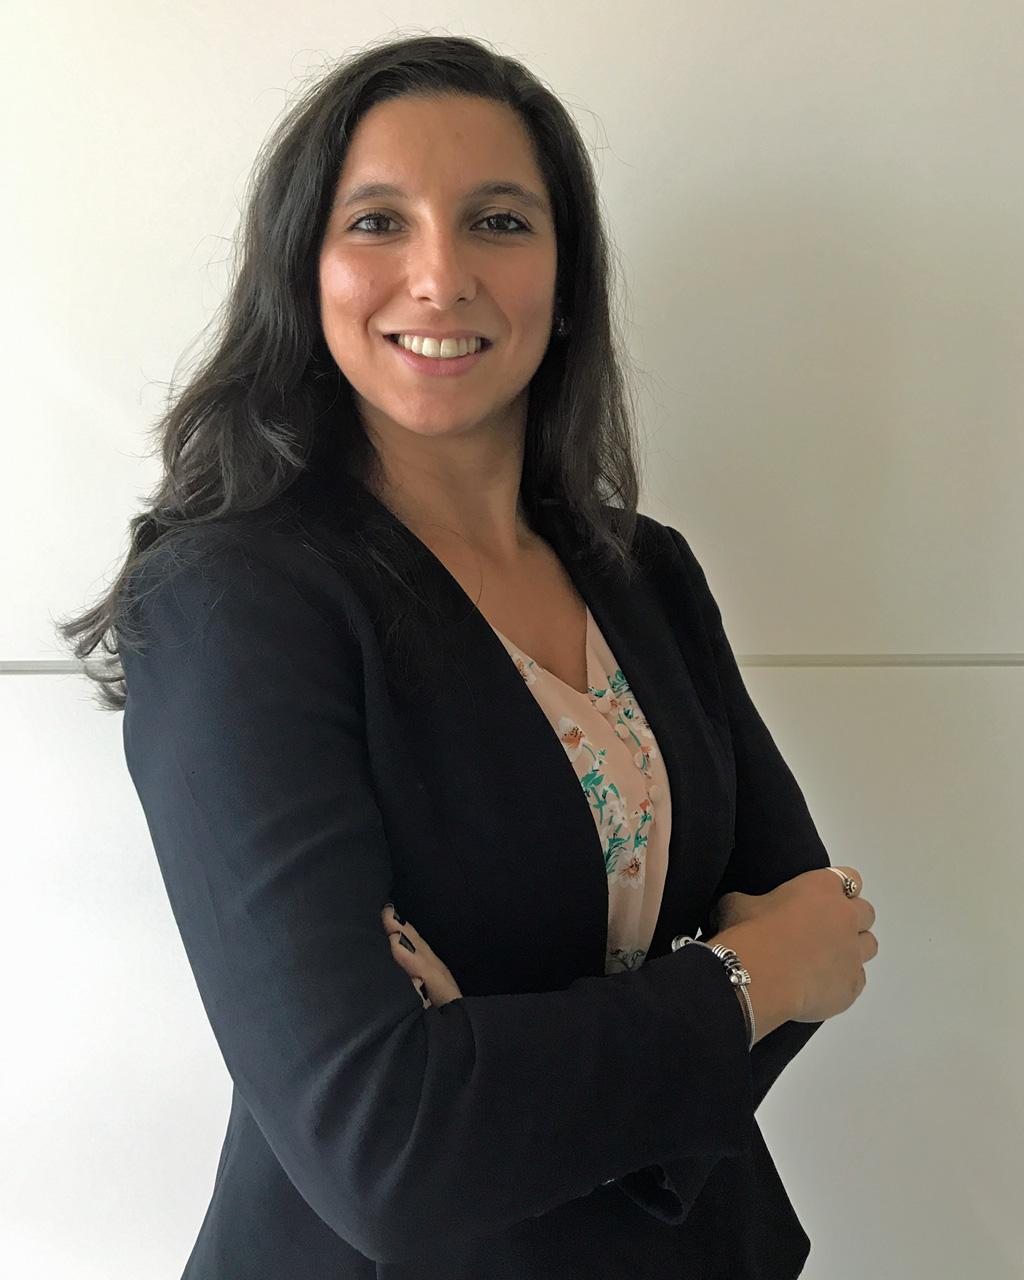 Marta Anacleto da Costa